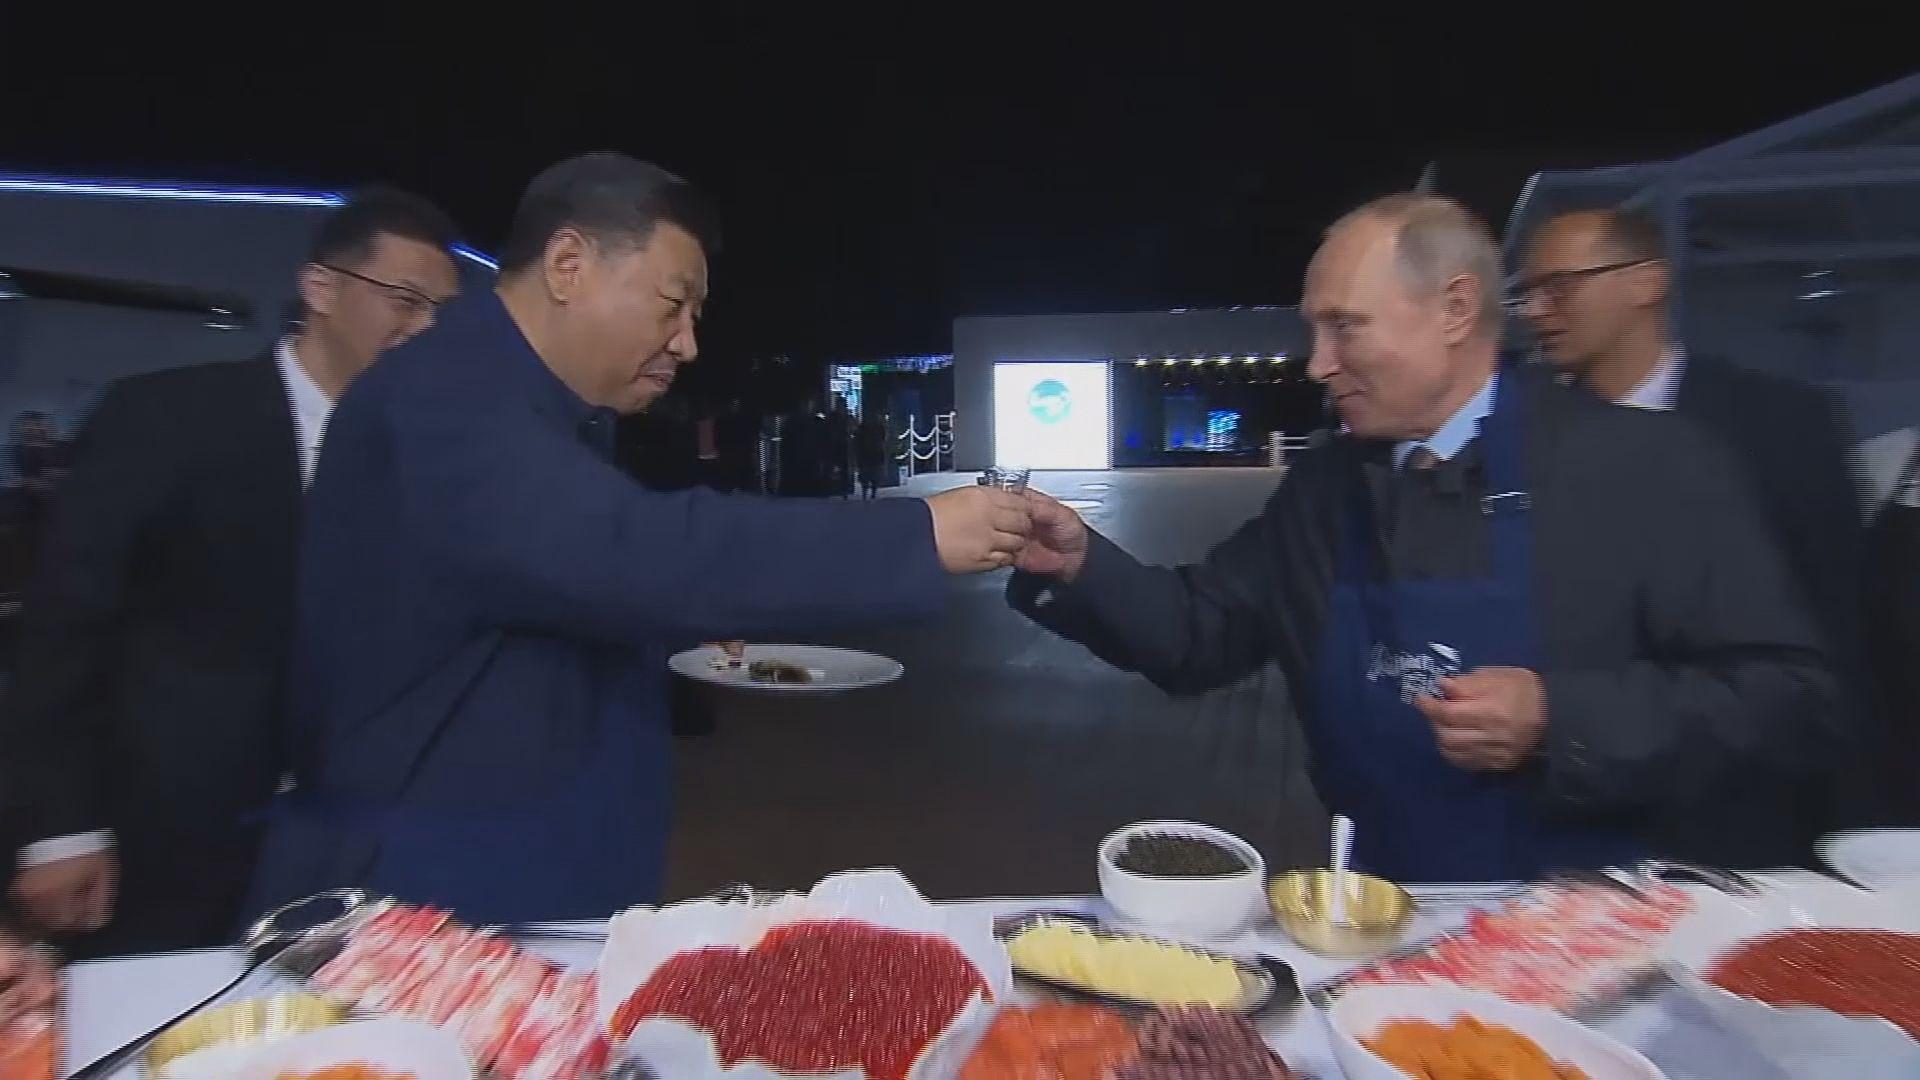 【環球薈報】習近平普京齊齊煎班戟食魚子醬